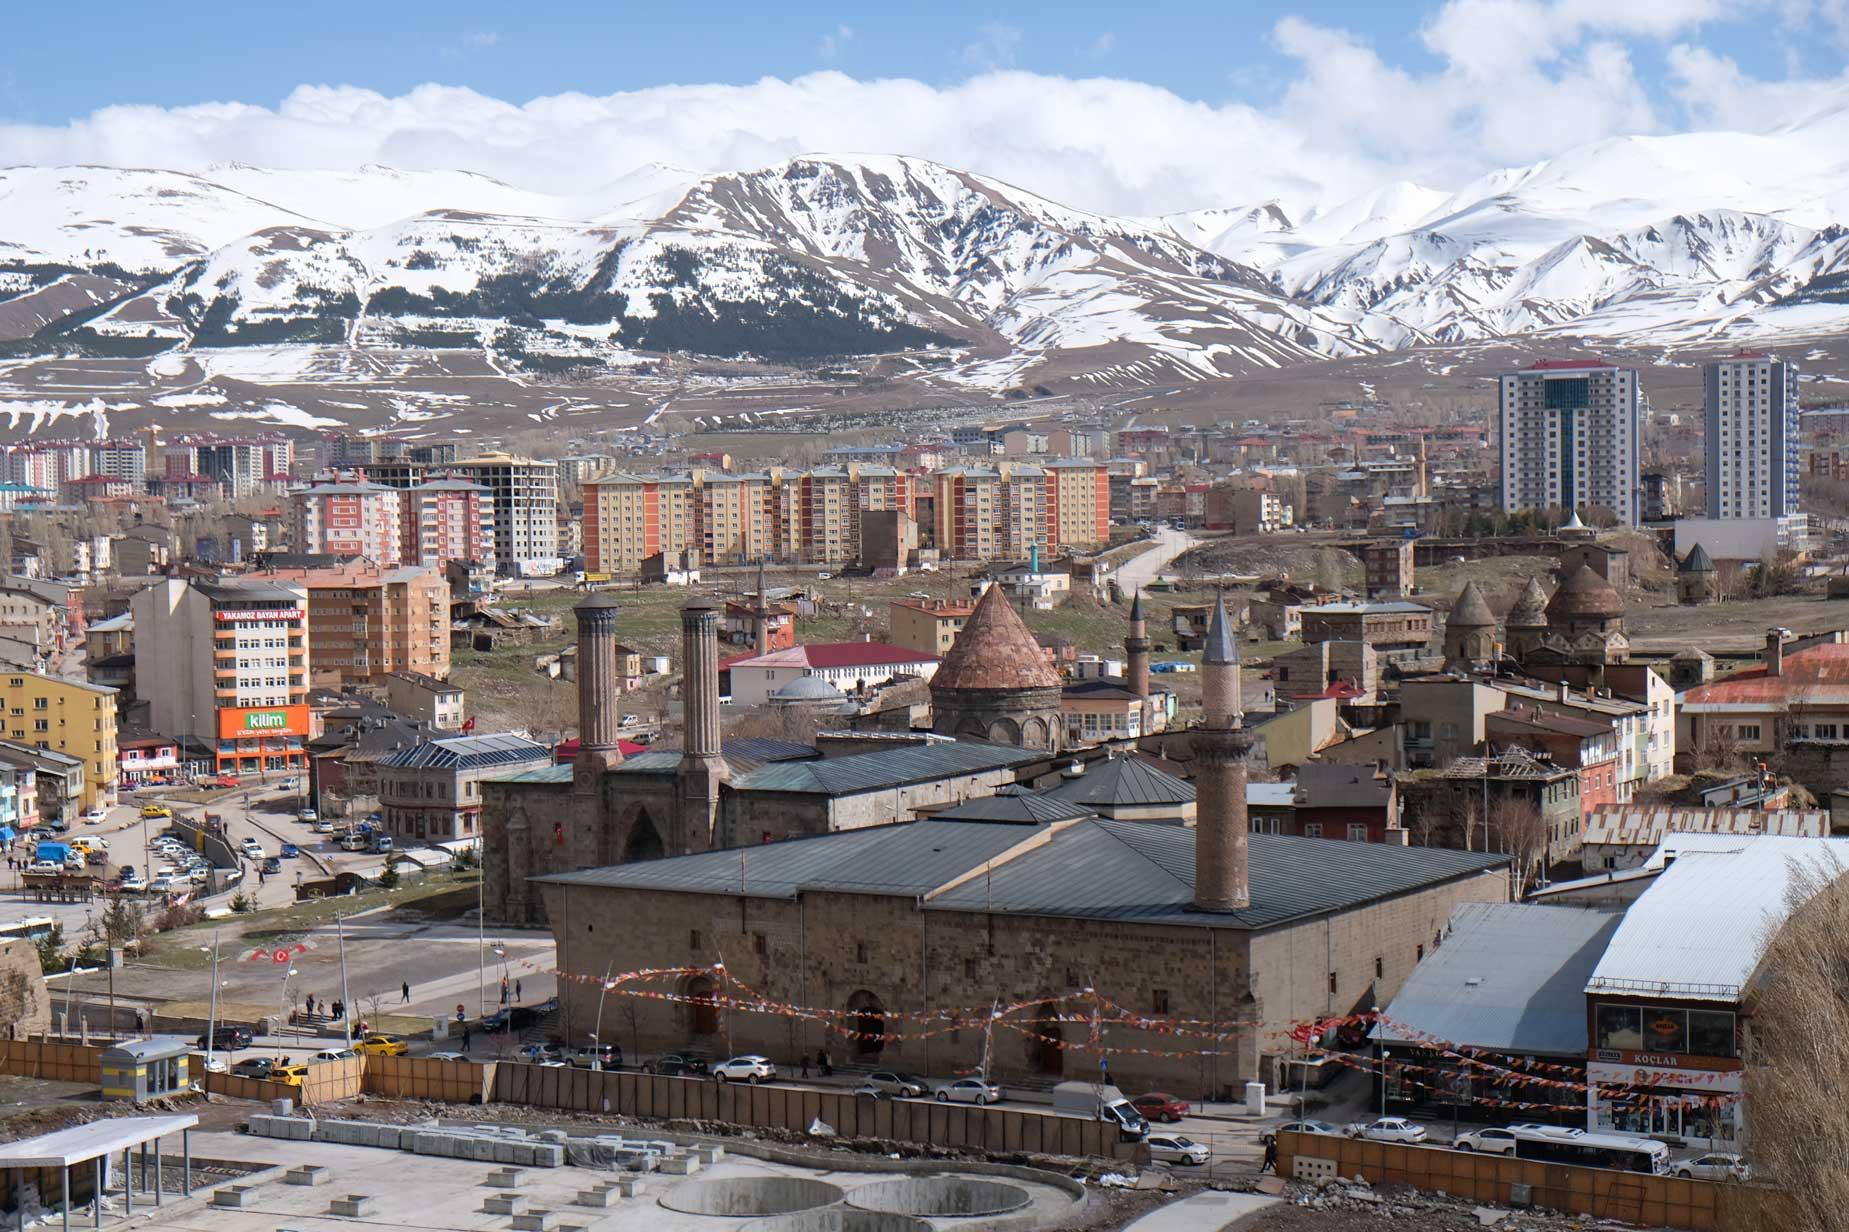 Vom Uhrenturm haben wir einen tollen Blick auf Erzurum und die umliegenden Berge